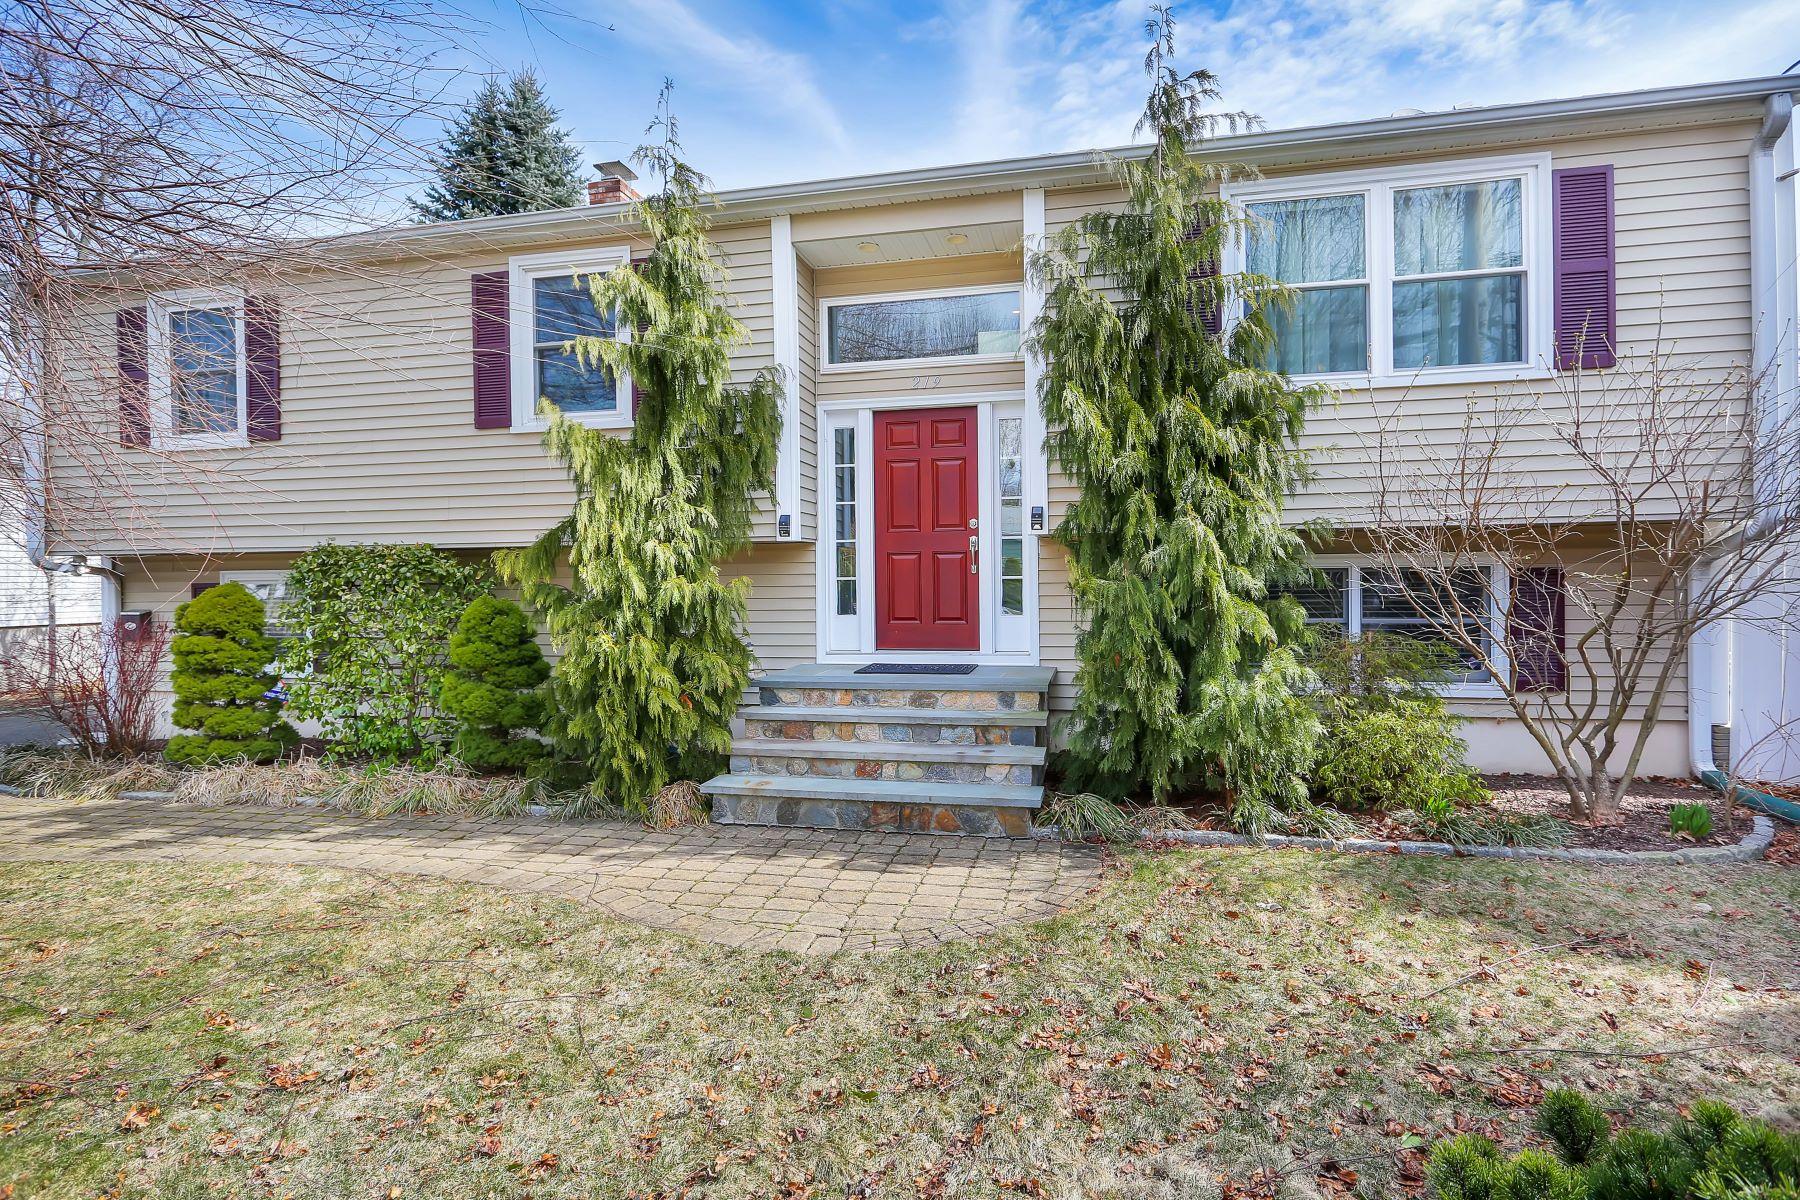 Tek Ailelik Ev için Satış at Designer Home 219 Maplewood Avenue Milford, Connecticut 06460 Amerika Birleşik Devletleri